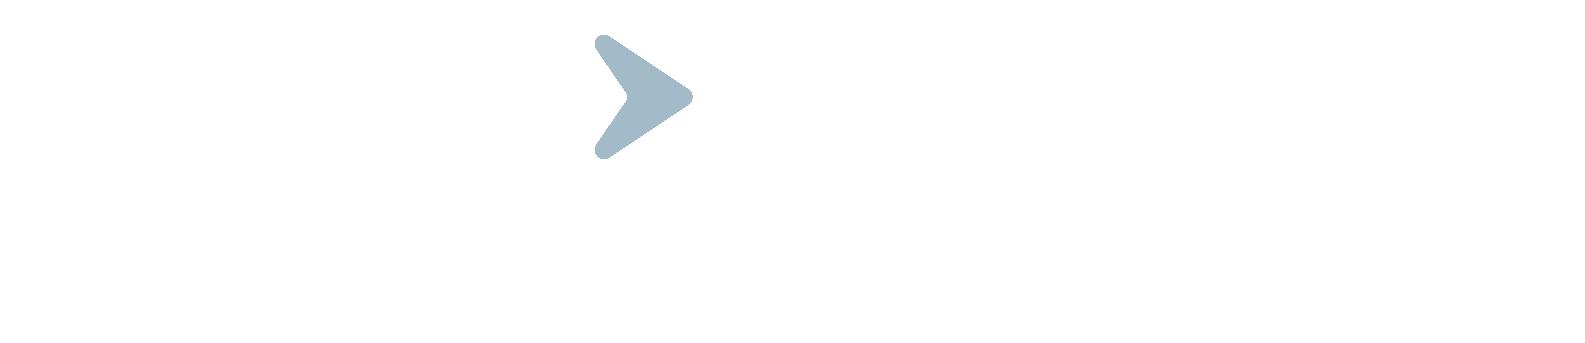 Automate Tech